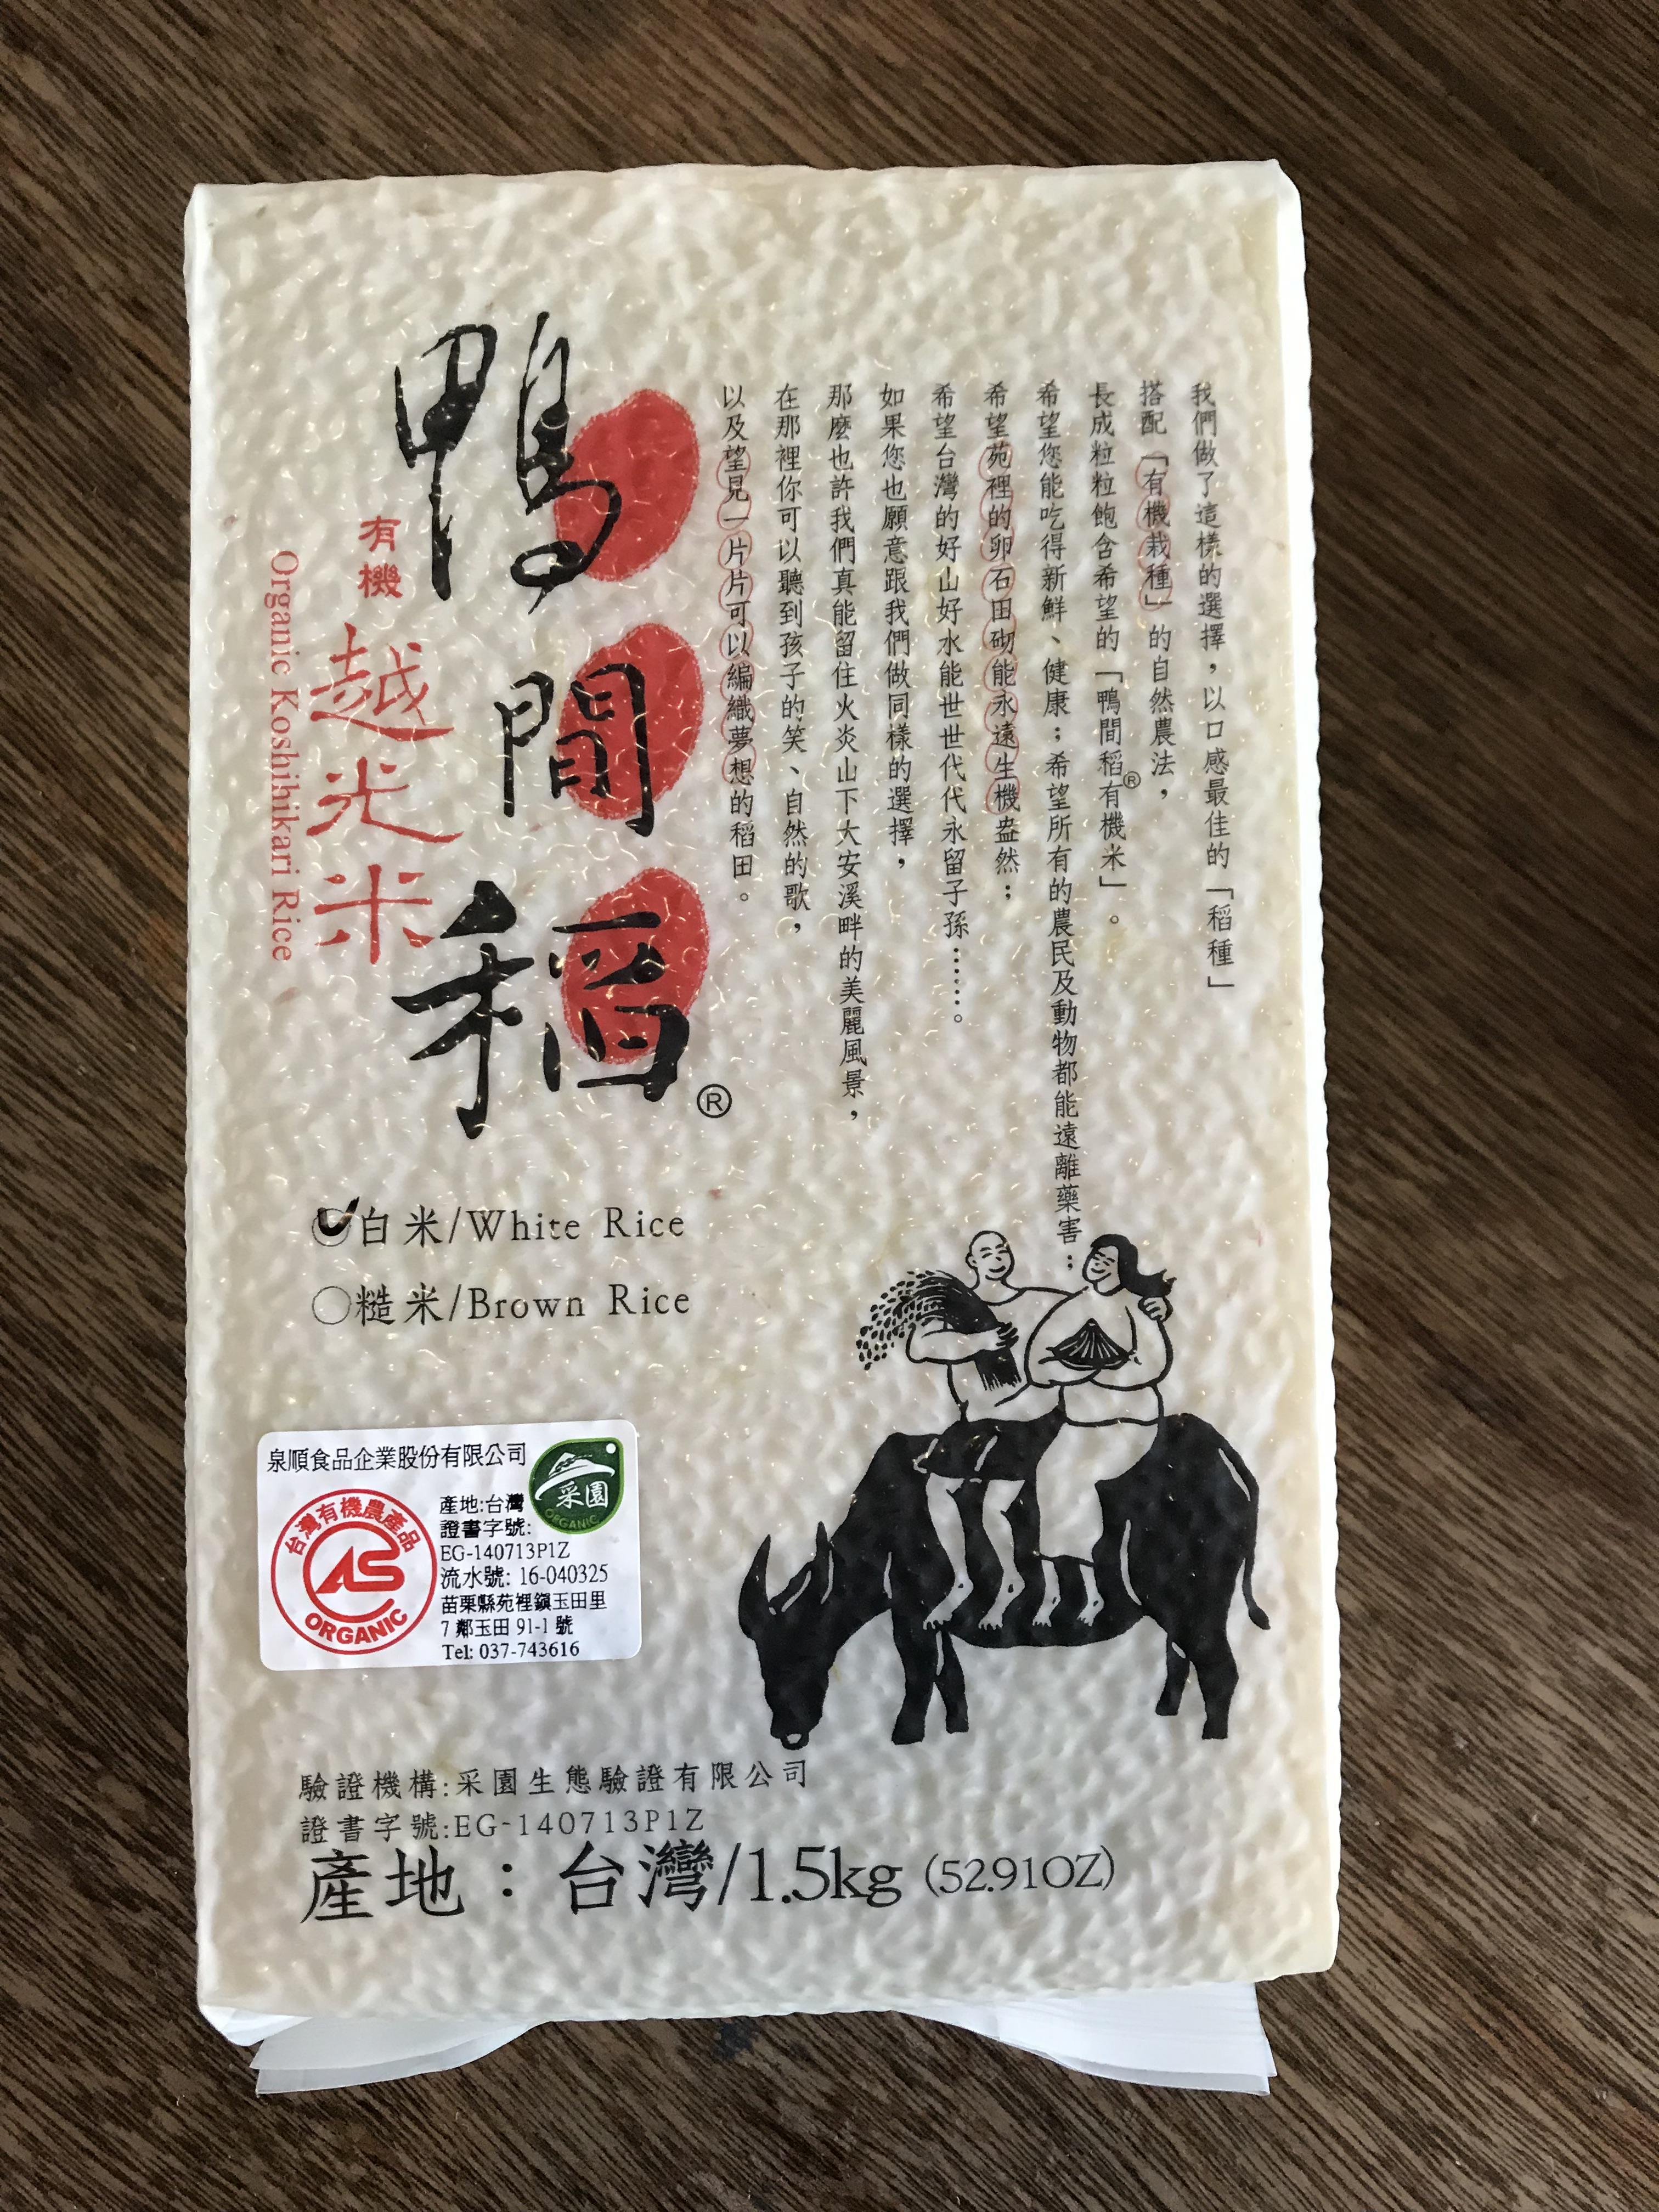 鴨間稻有機越光白米